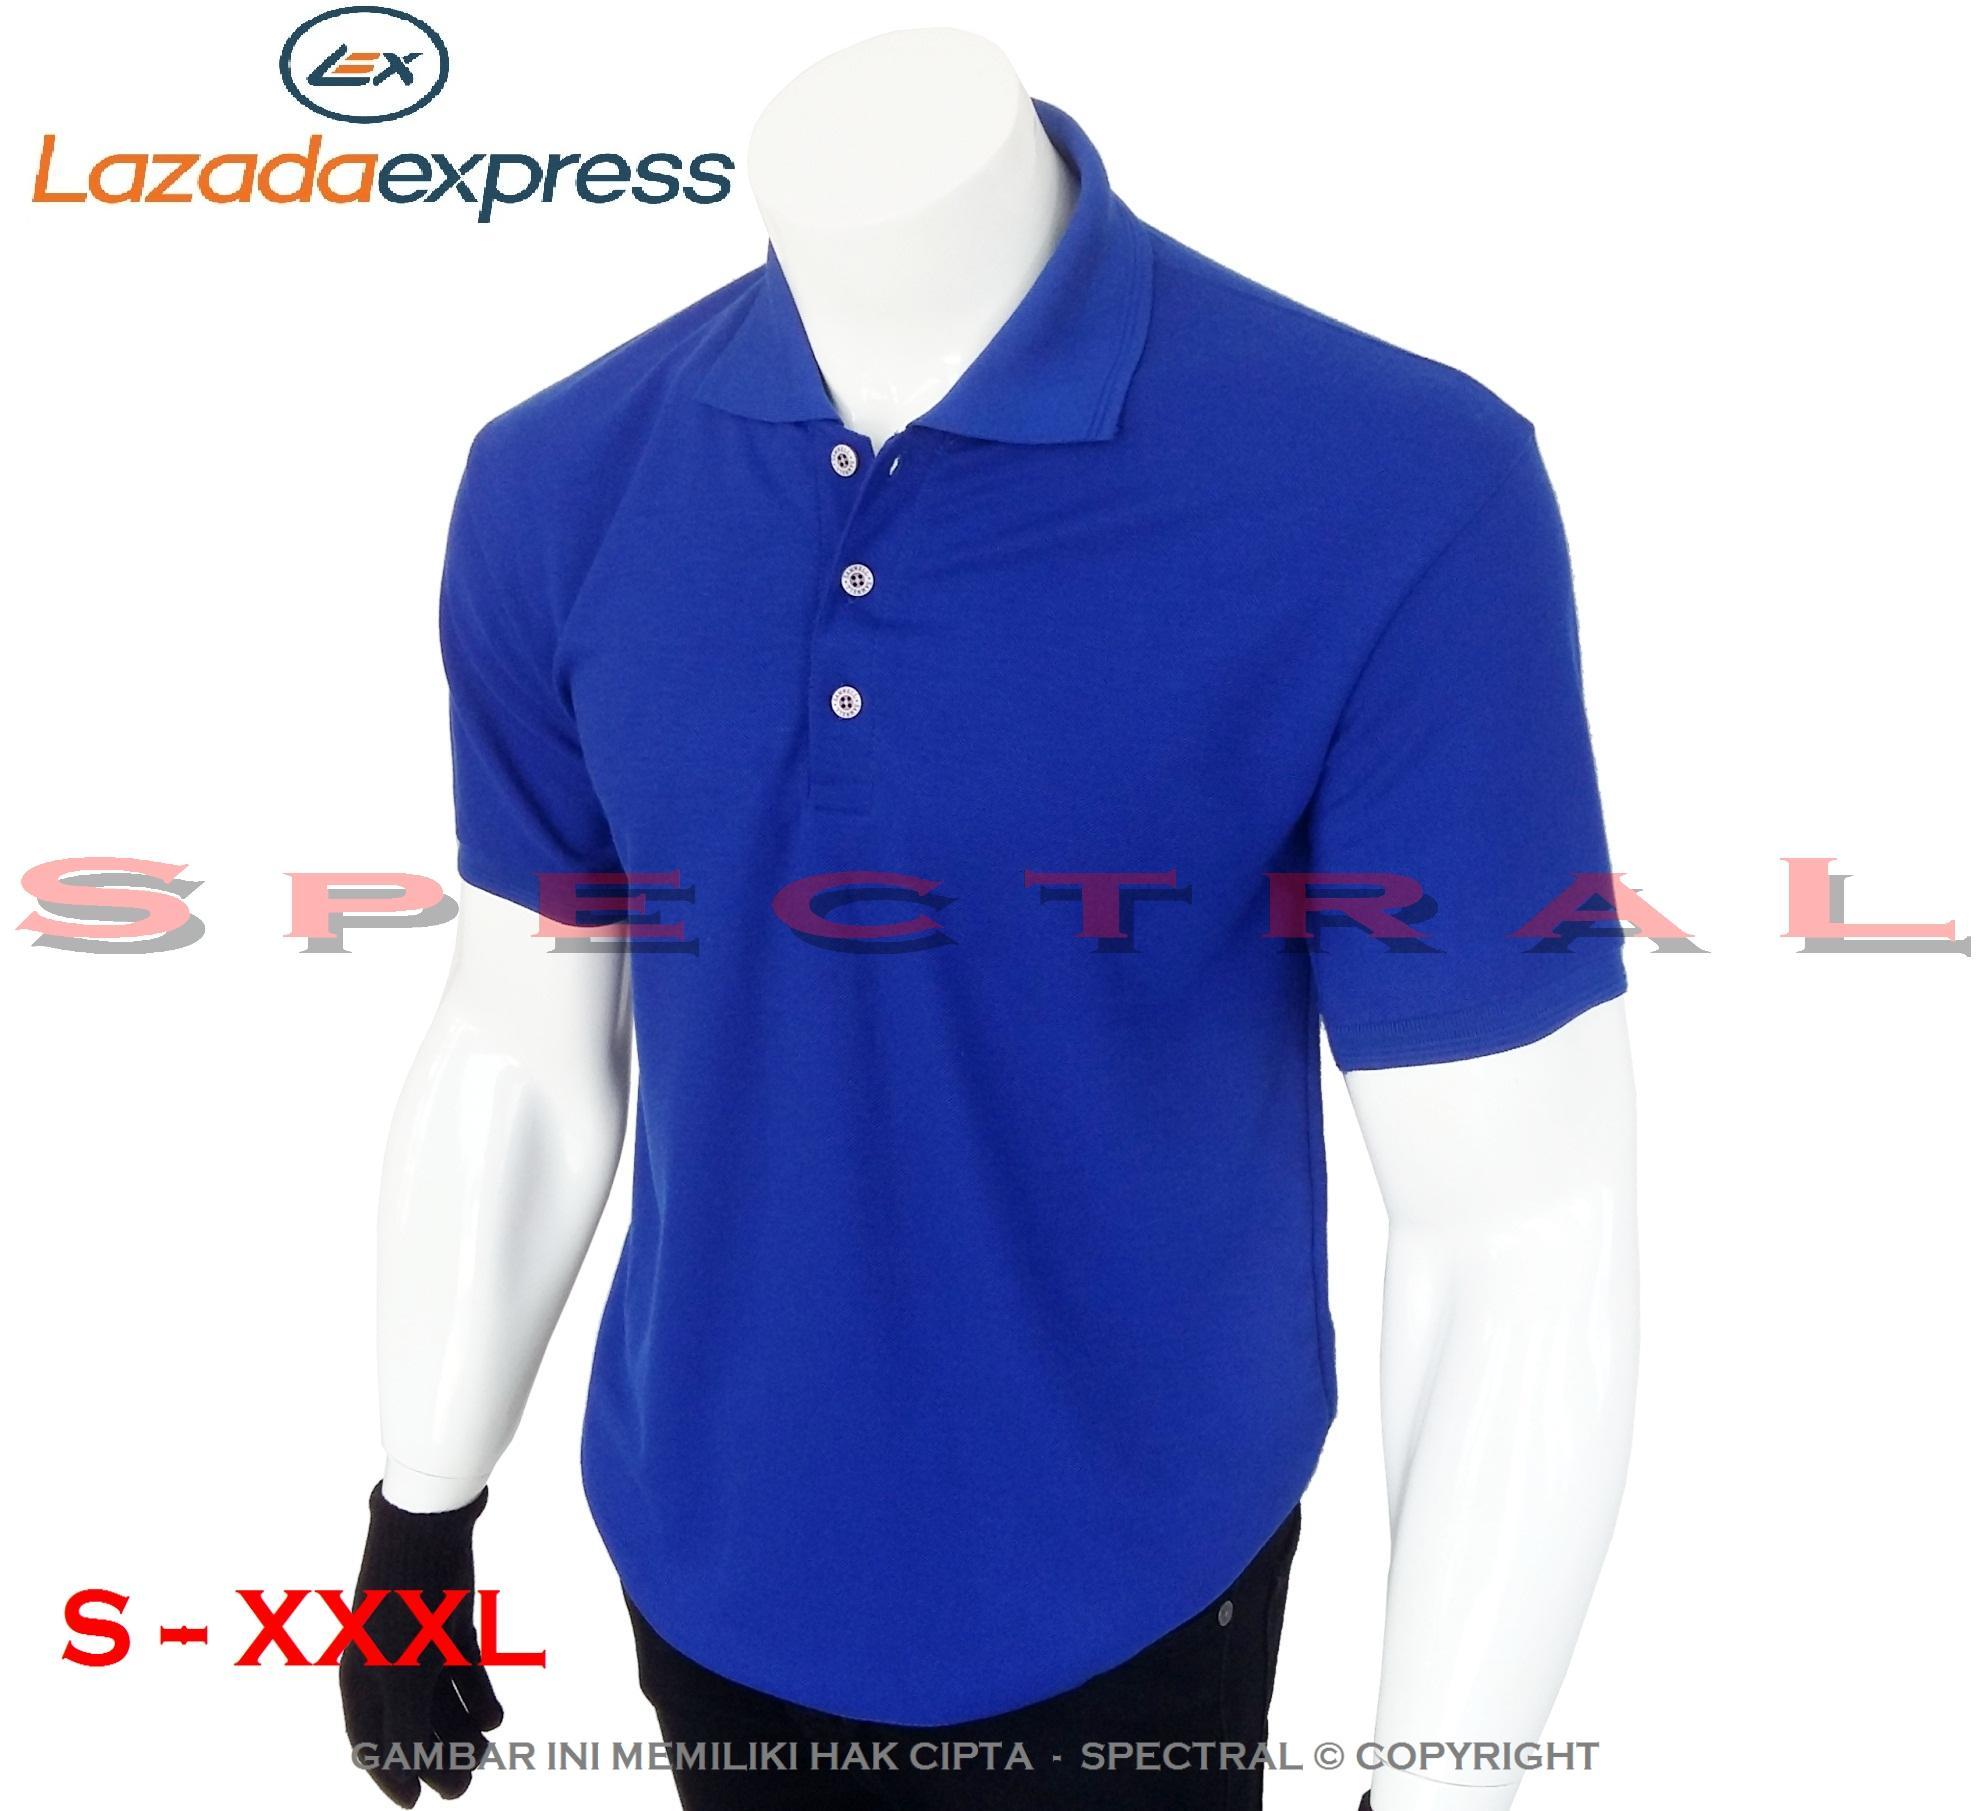 Spectral – 22 WARNA - S M L XL XXL XXXL 2L 3L Polo Shirt Kaos Distro T 7f7f8fae62